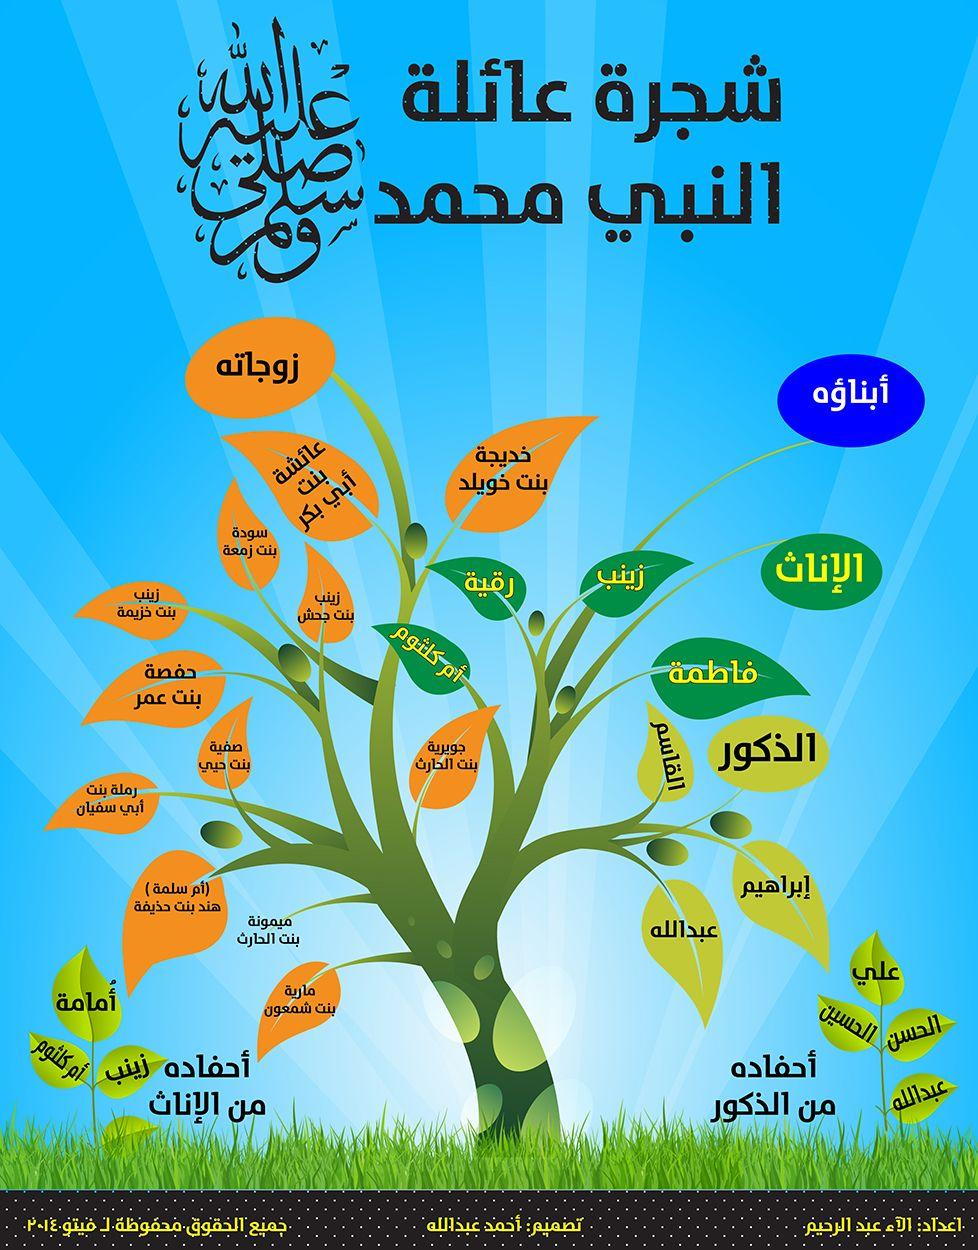 شجرة النبي محمد صلي الله عليه وسلم Learn Islam Islam Beliefs Islamic Posters